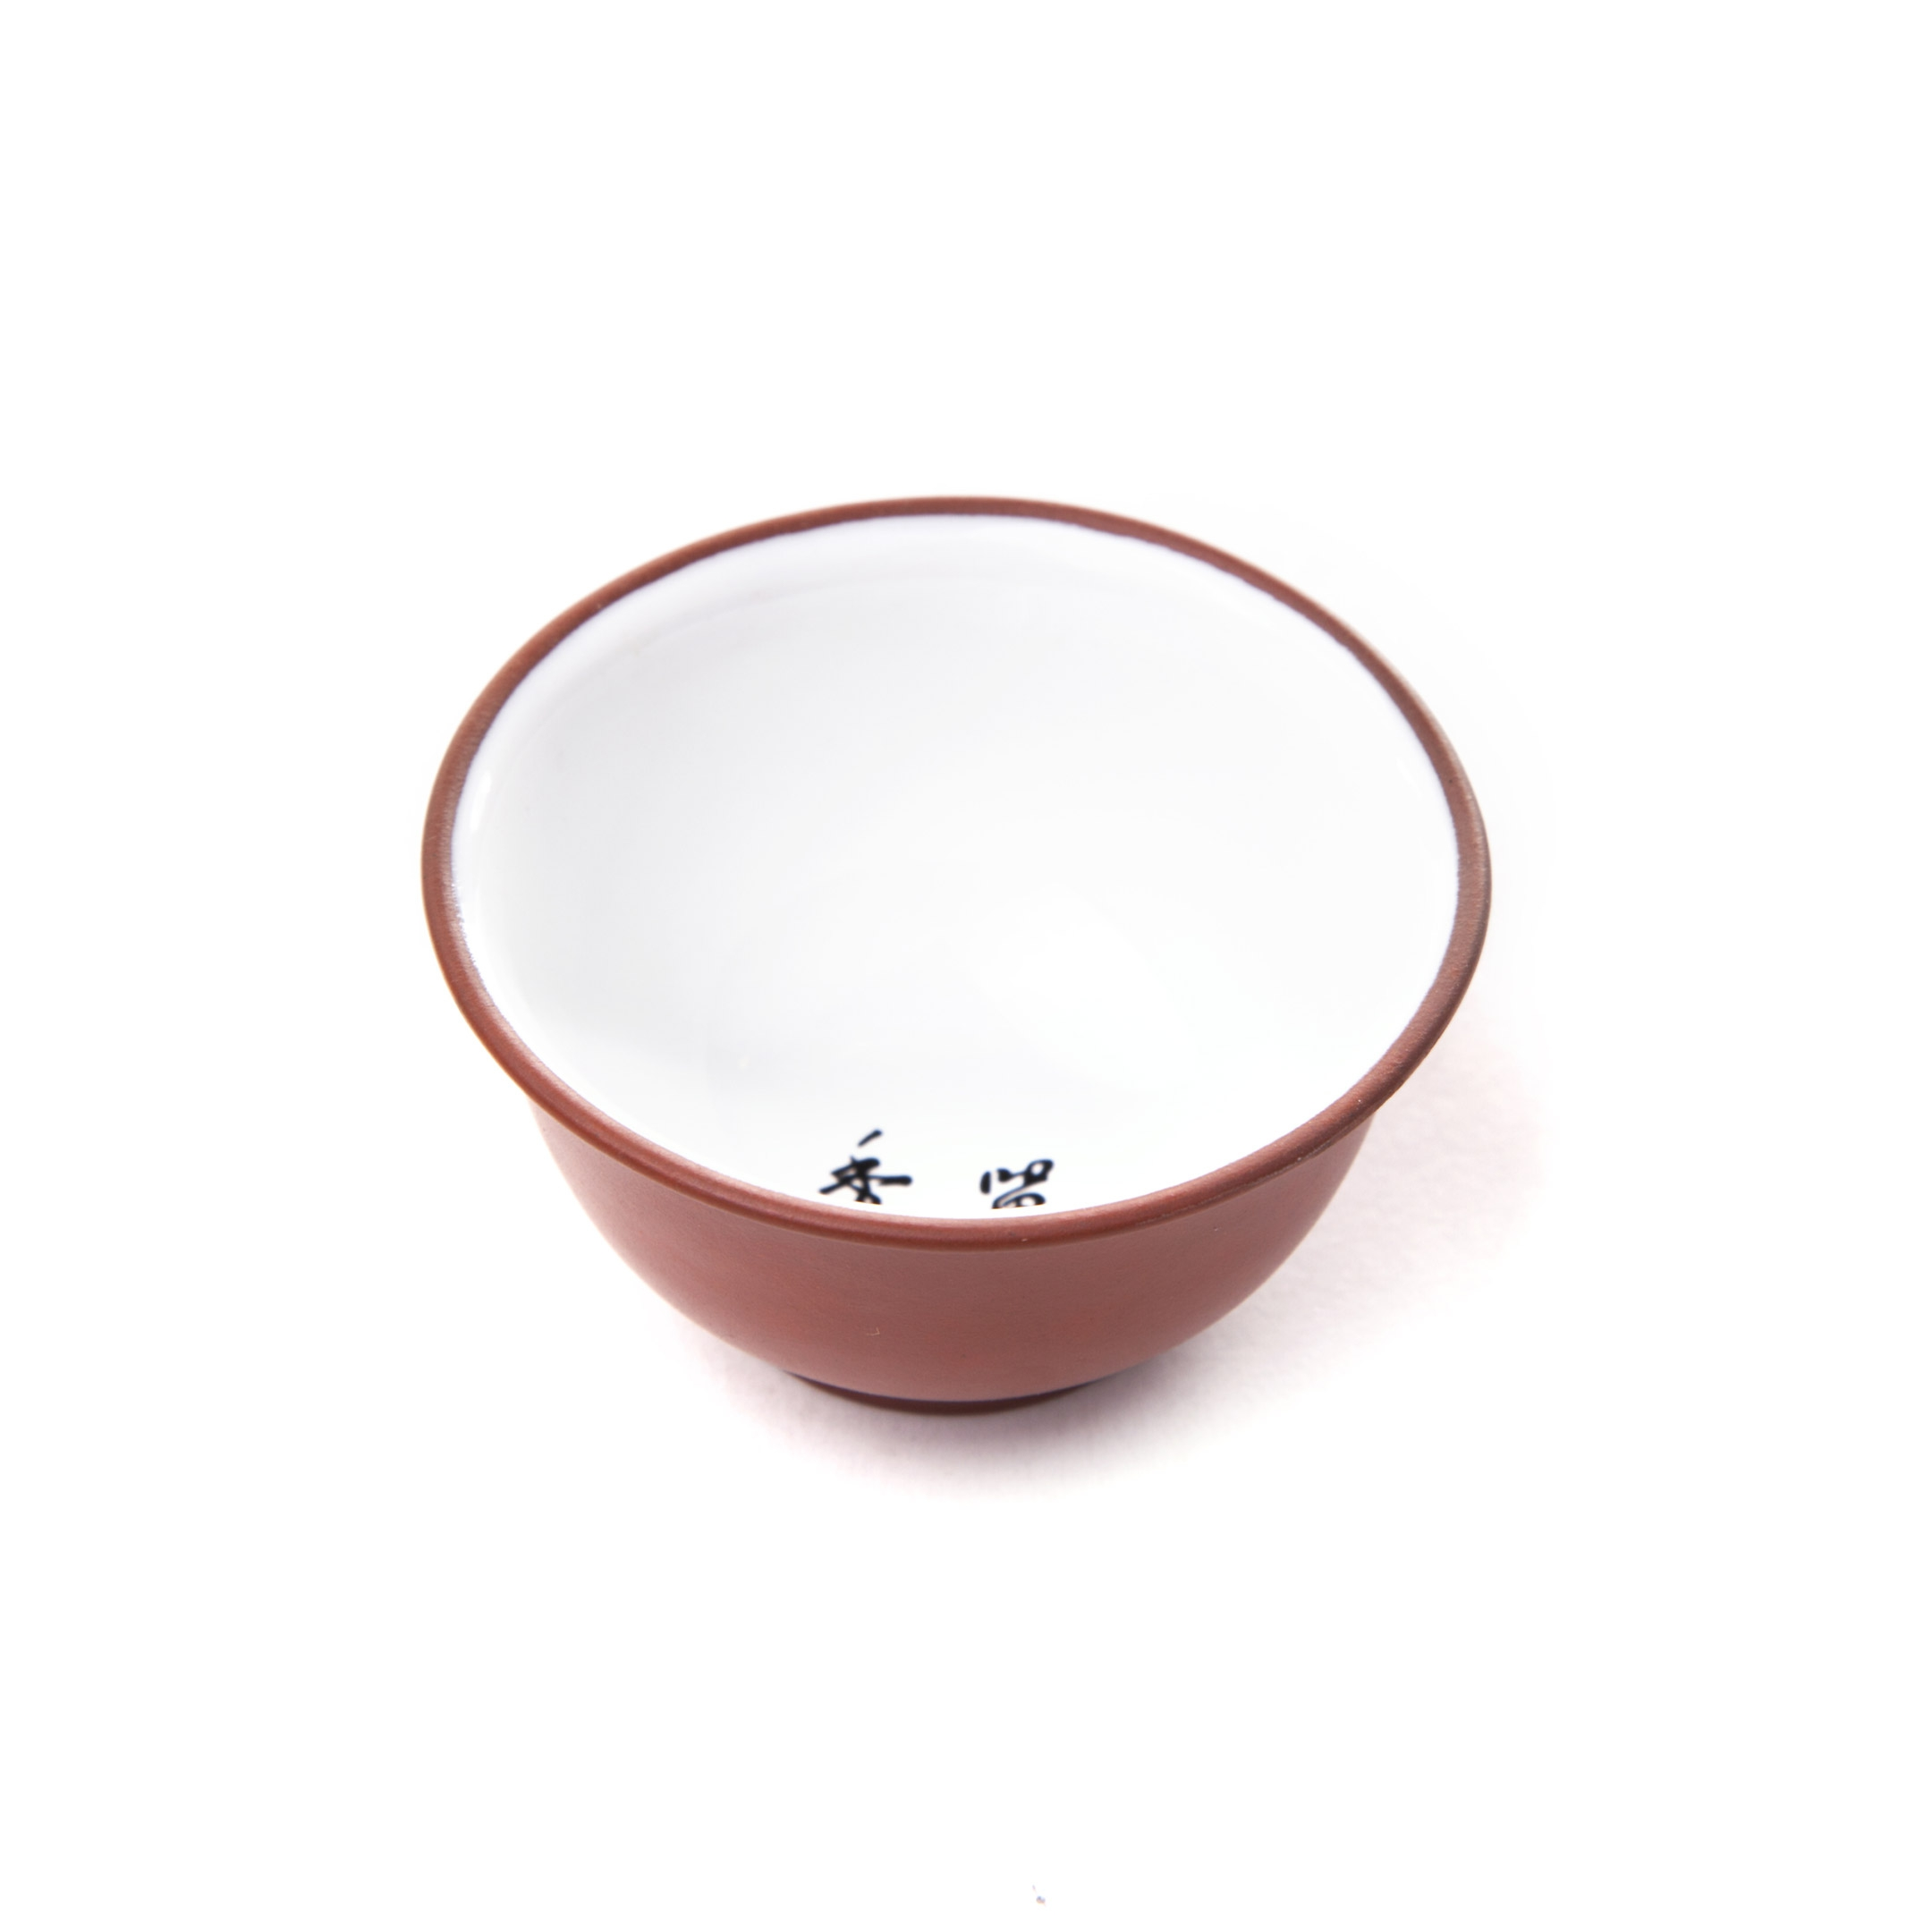 Miska Yixing glazovaná 7,3 cm - standard 3